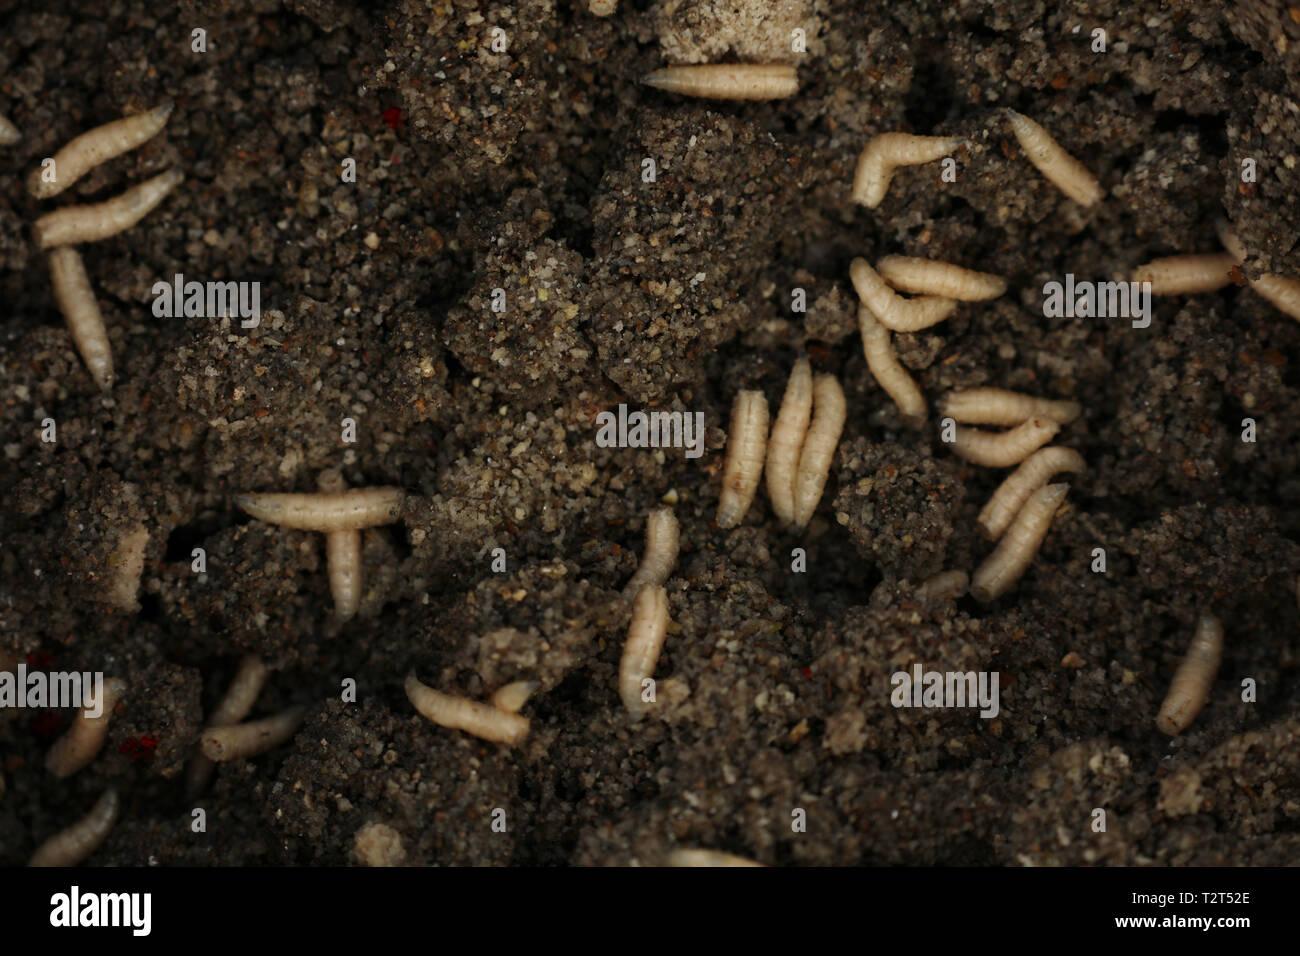 Maggots Food Stock Photos & Maggots Food Stock Images - Alamy